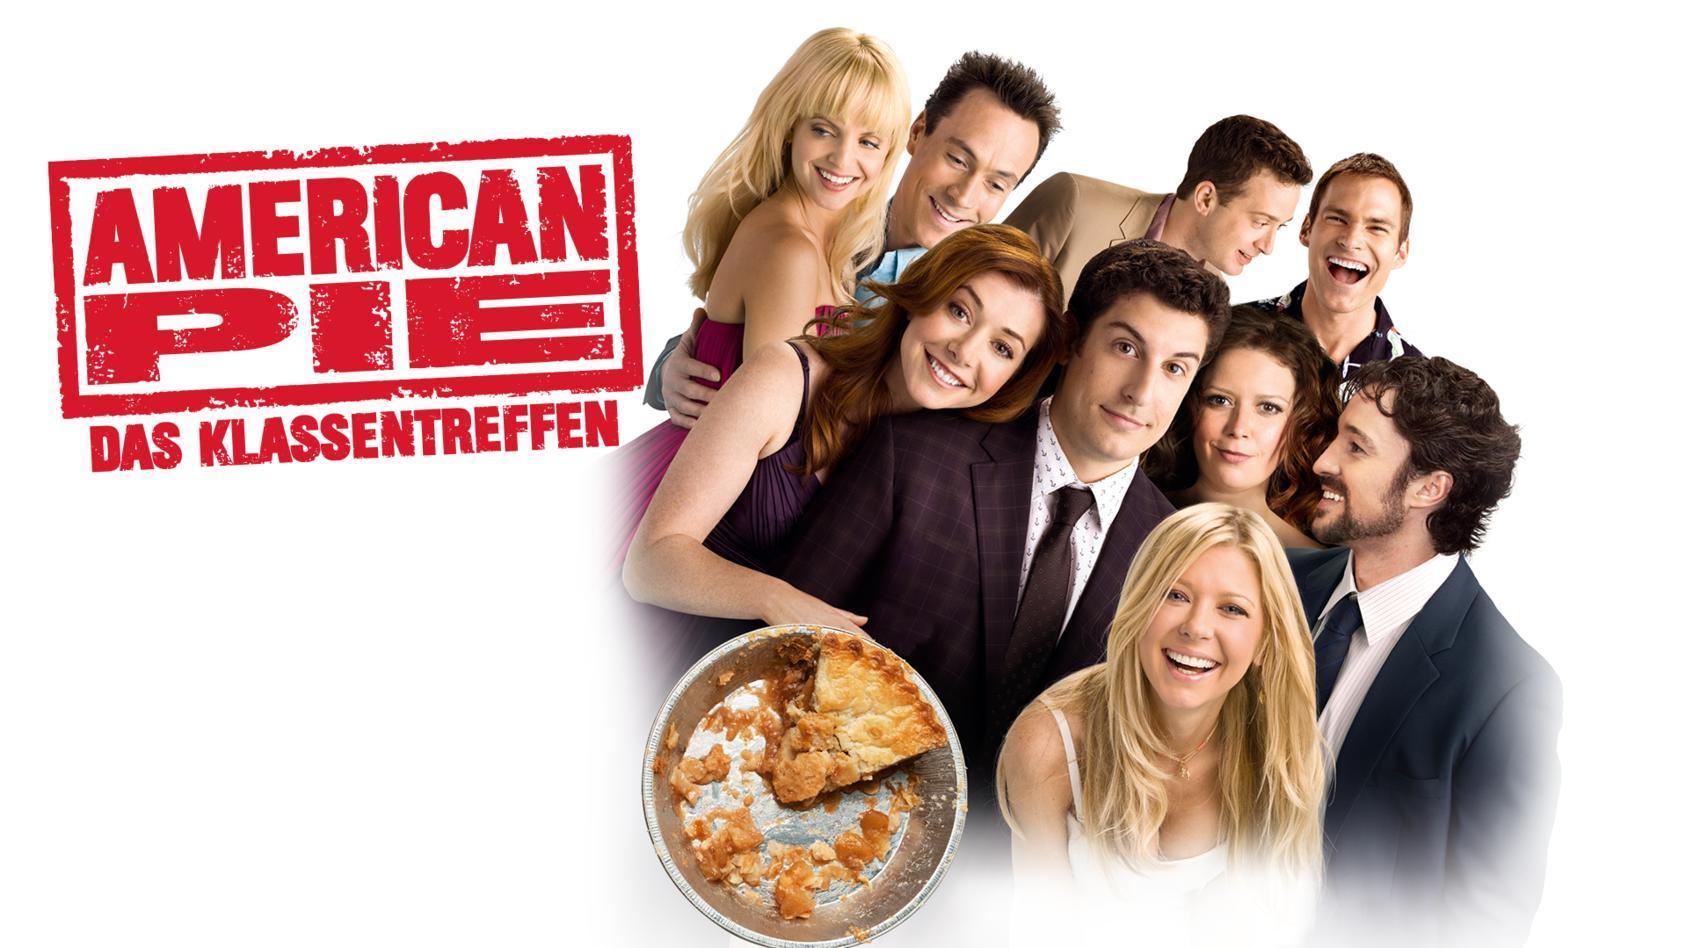 American Pie - das Klassentreffen auf TVNOW